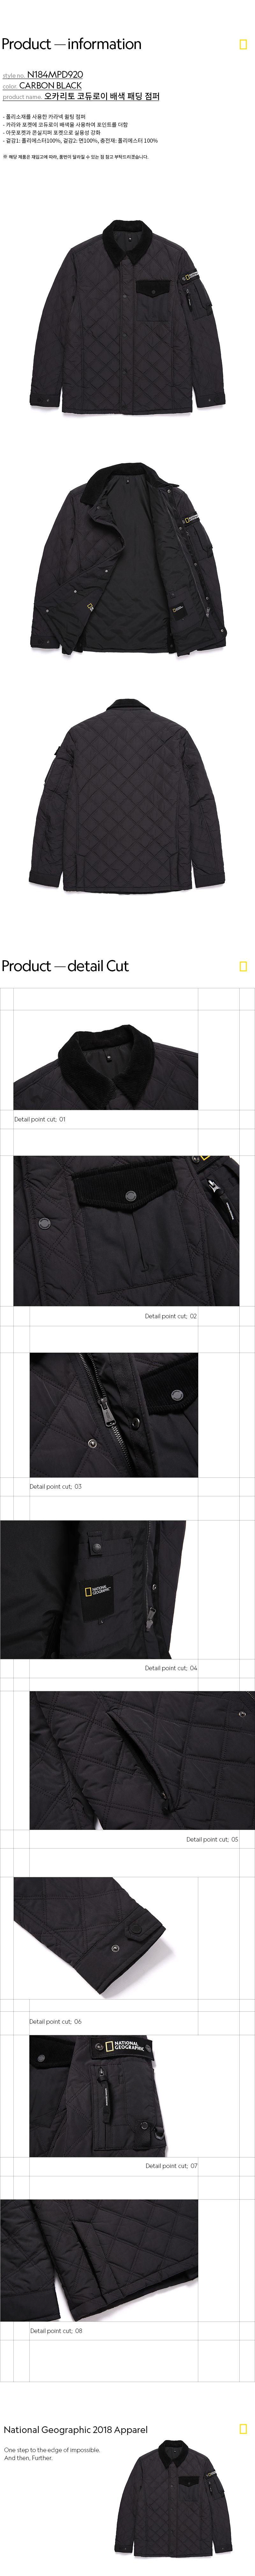 내셔널지오그래픽(NATIONALGEOGRAPHIC) N184MPD920 오카리토 코듀로이 배색 패딩 점퍼 CARBON BLACK